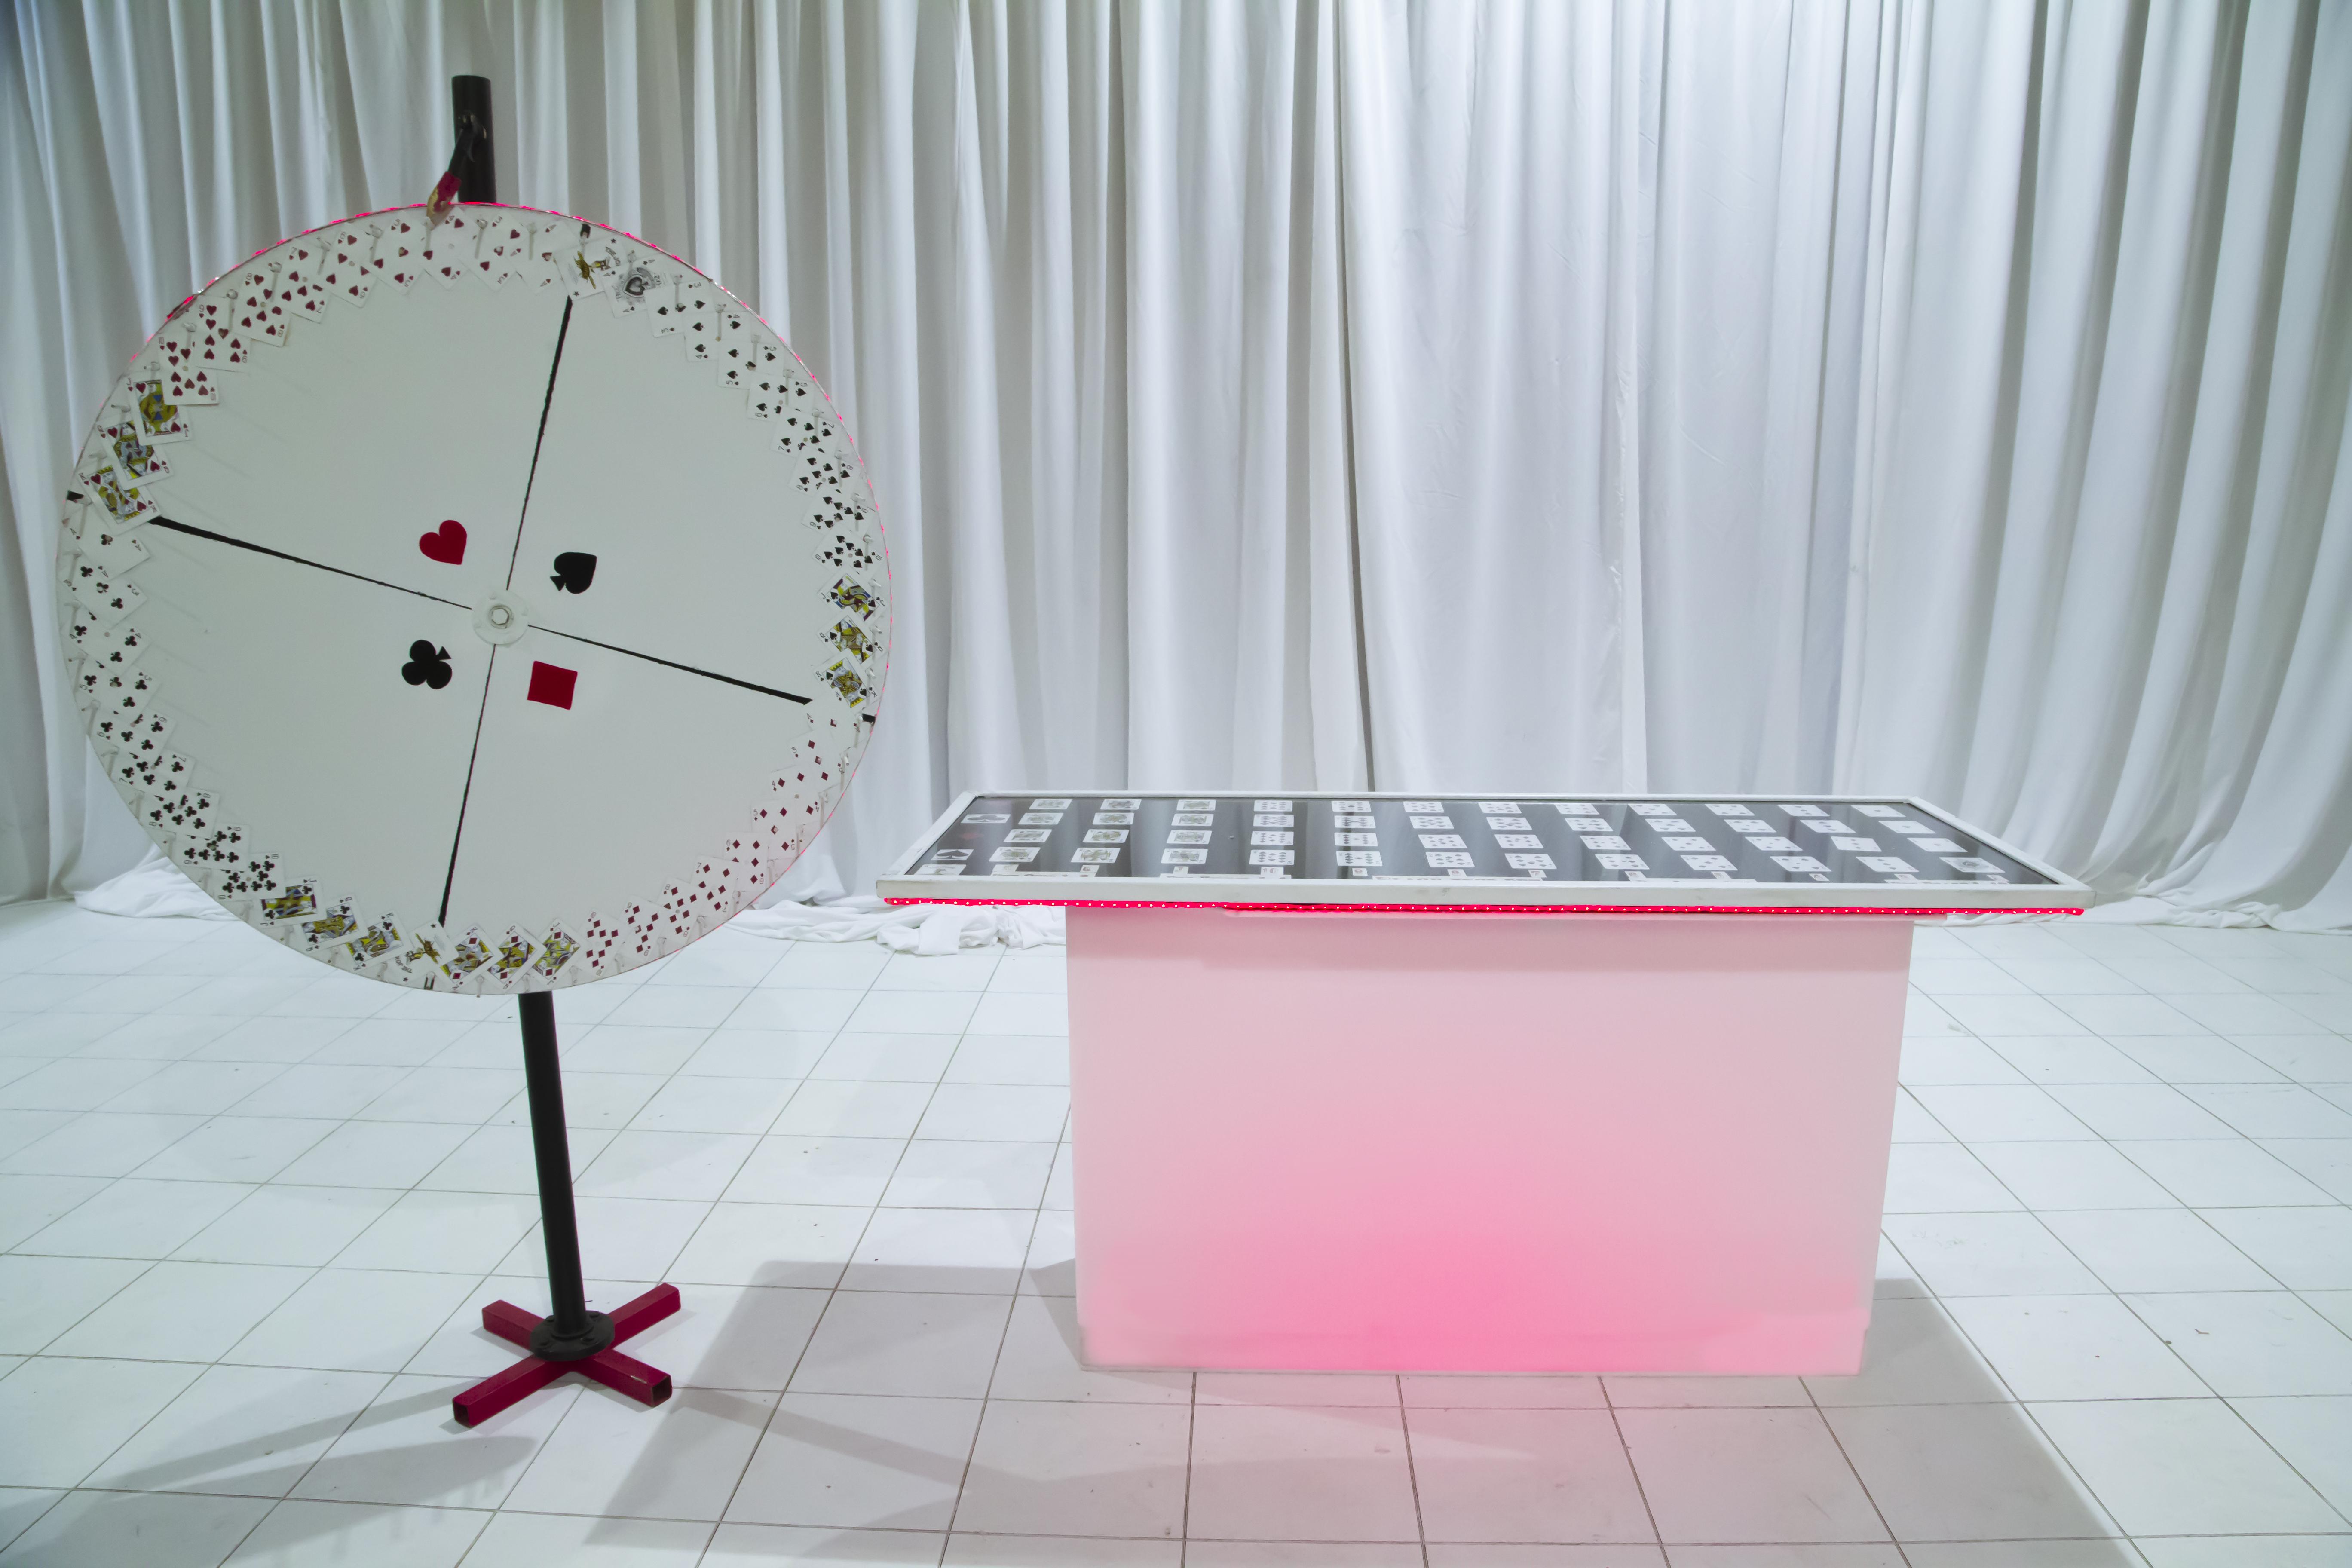 LED Money Wheel